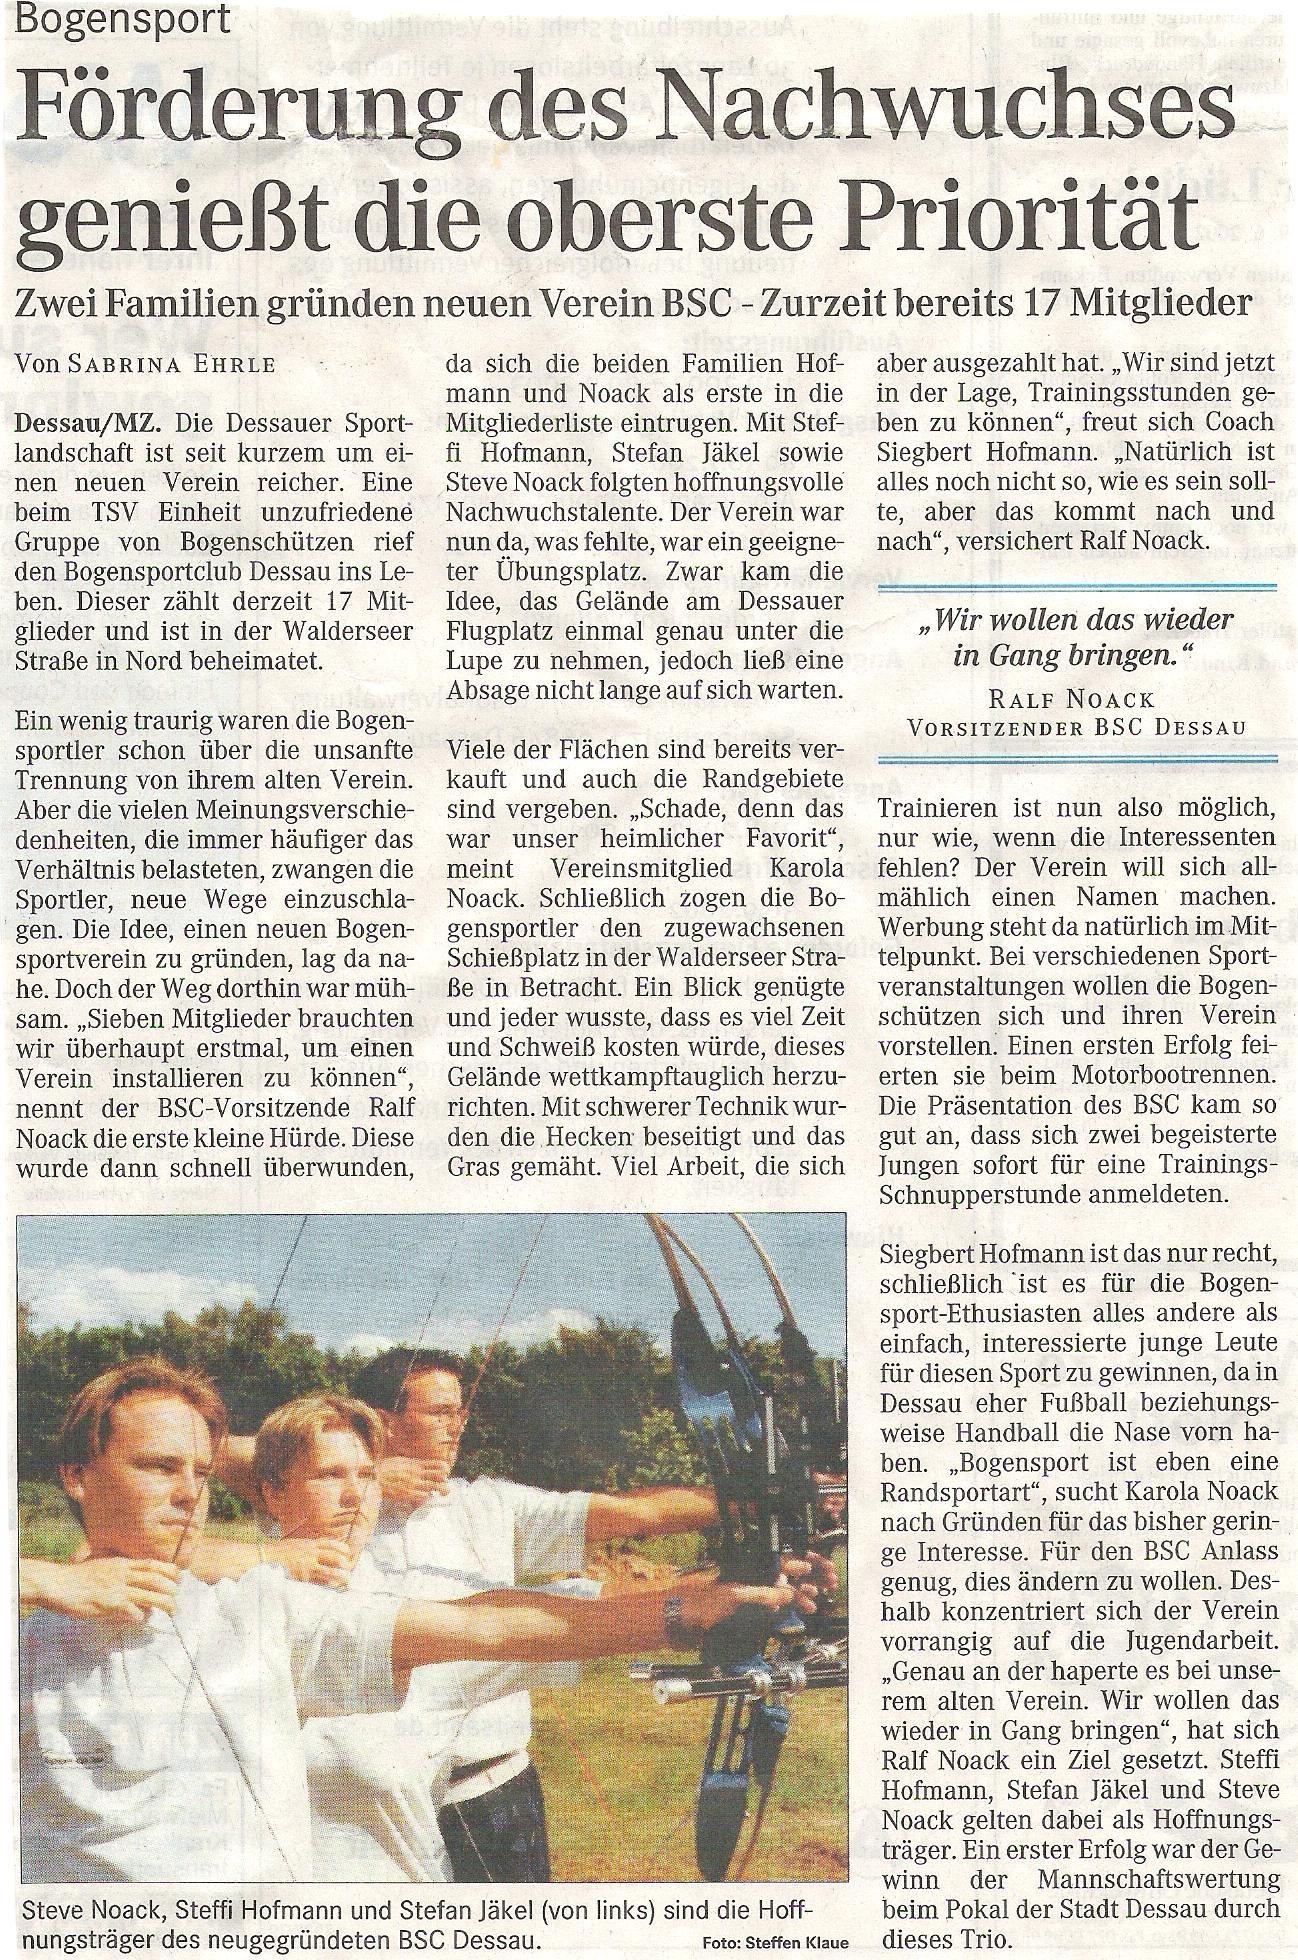 Pokal der Stadt Dessau – Mitteldeutsche Zeitung (Juni 2002)